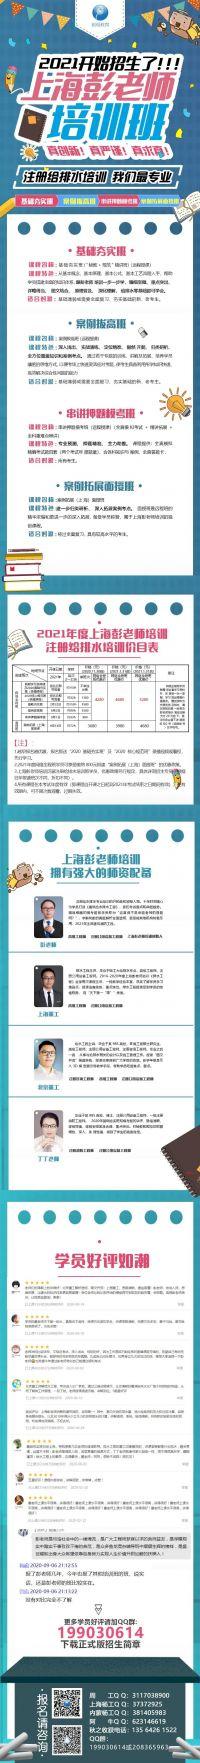 """11月25日晚20点第2次公开课:上海彭老师""""手把手""""教你少走弯路过注考"""